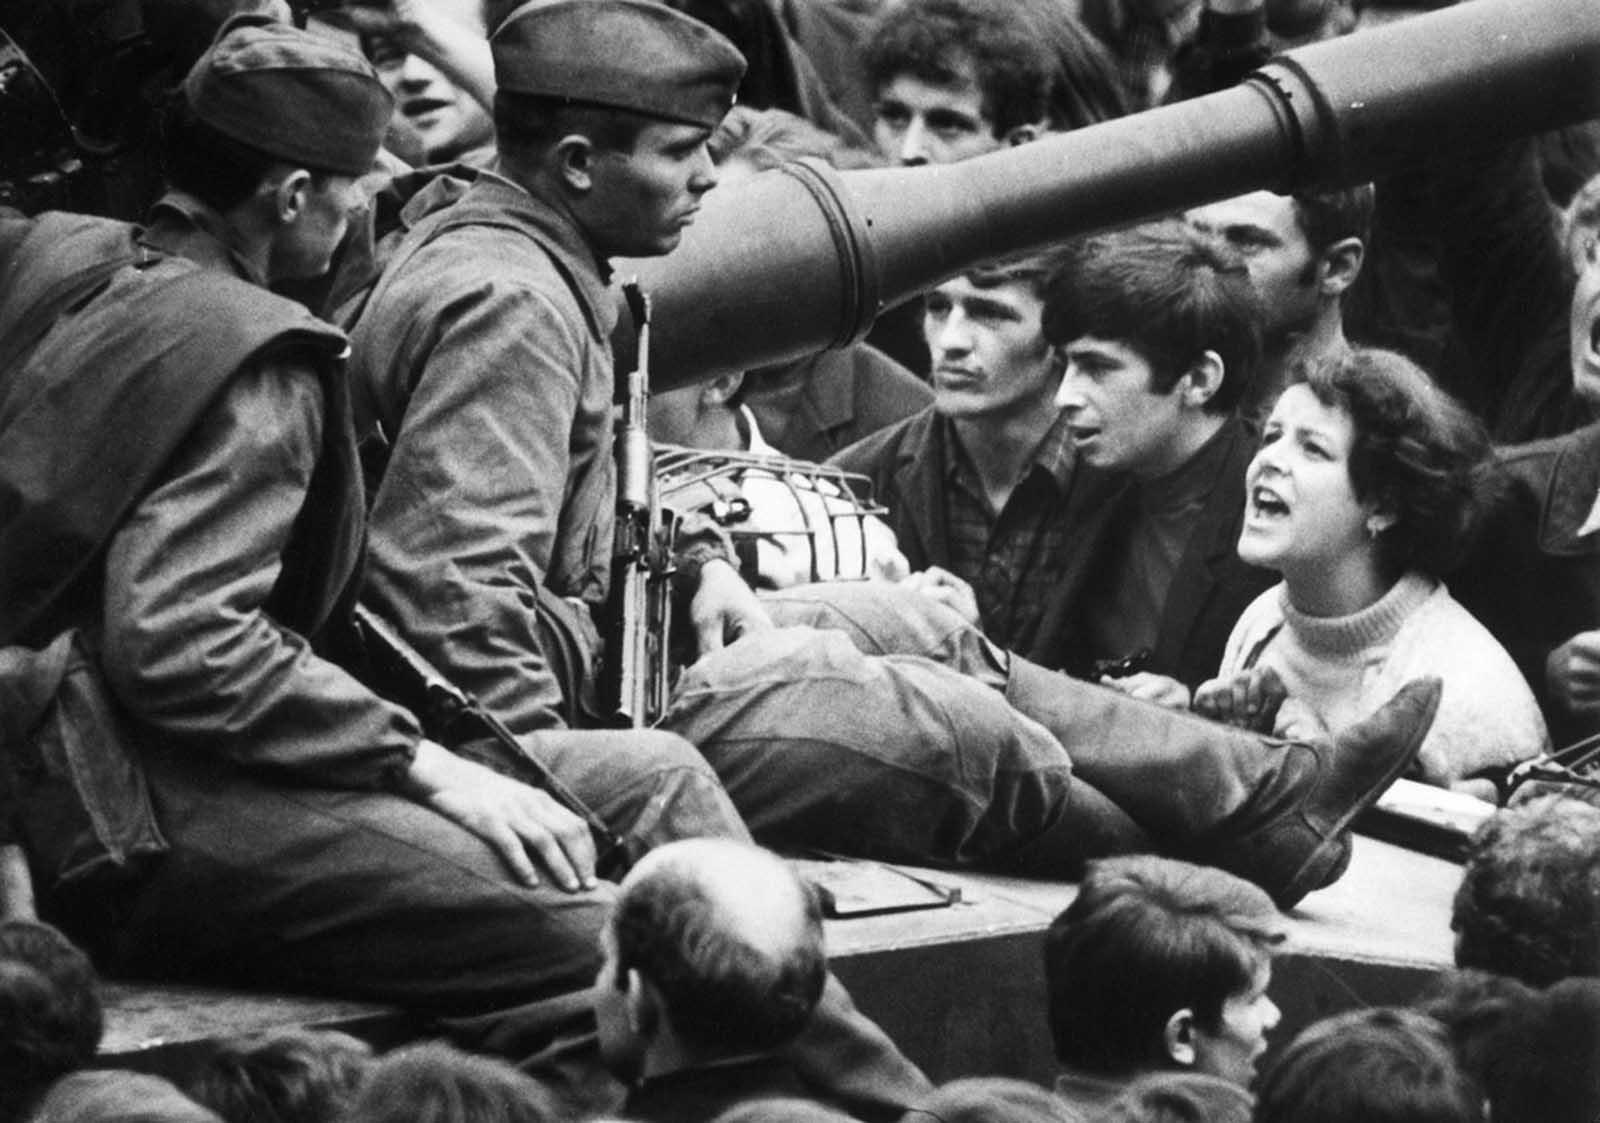 Una joven checa permite que sus sentimientos se conozcan mientras grita a los soldados soviéticos sentados en tanques en las calles de Praga el 26 de agosto de 1968.